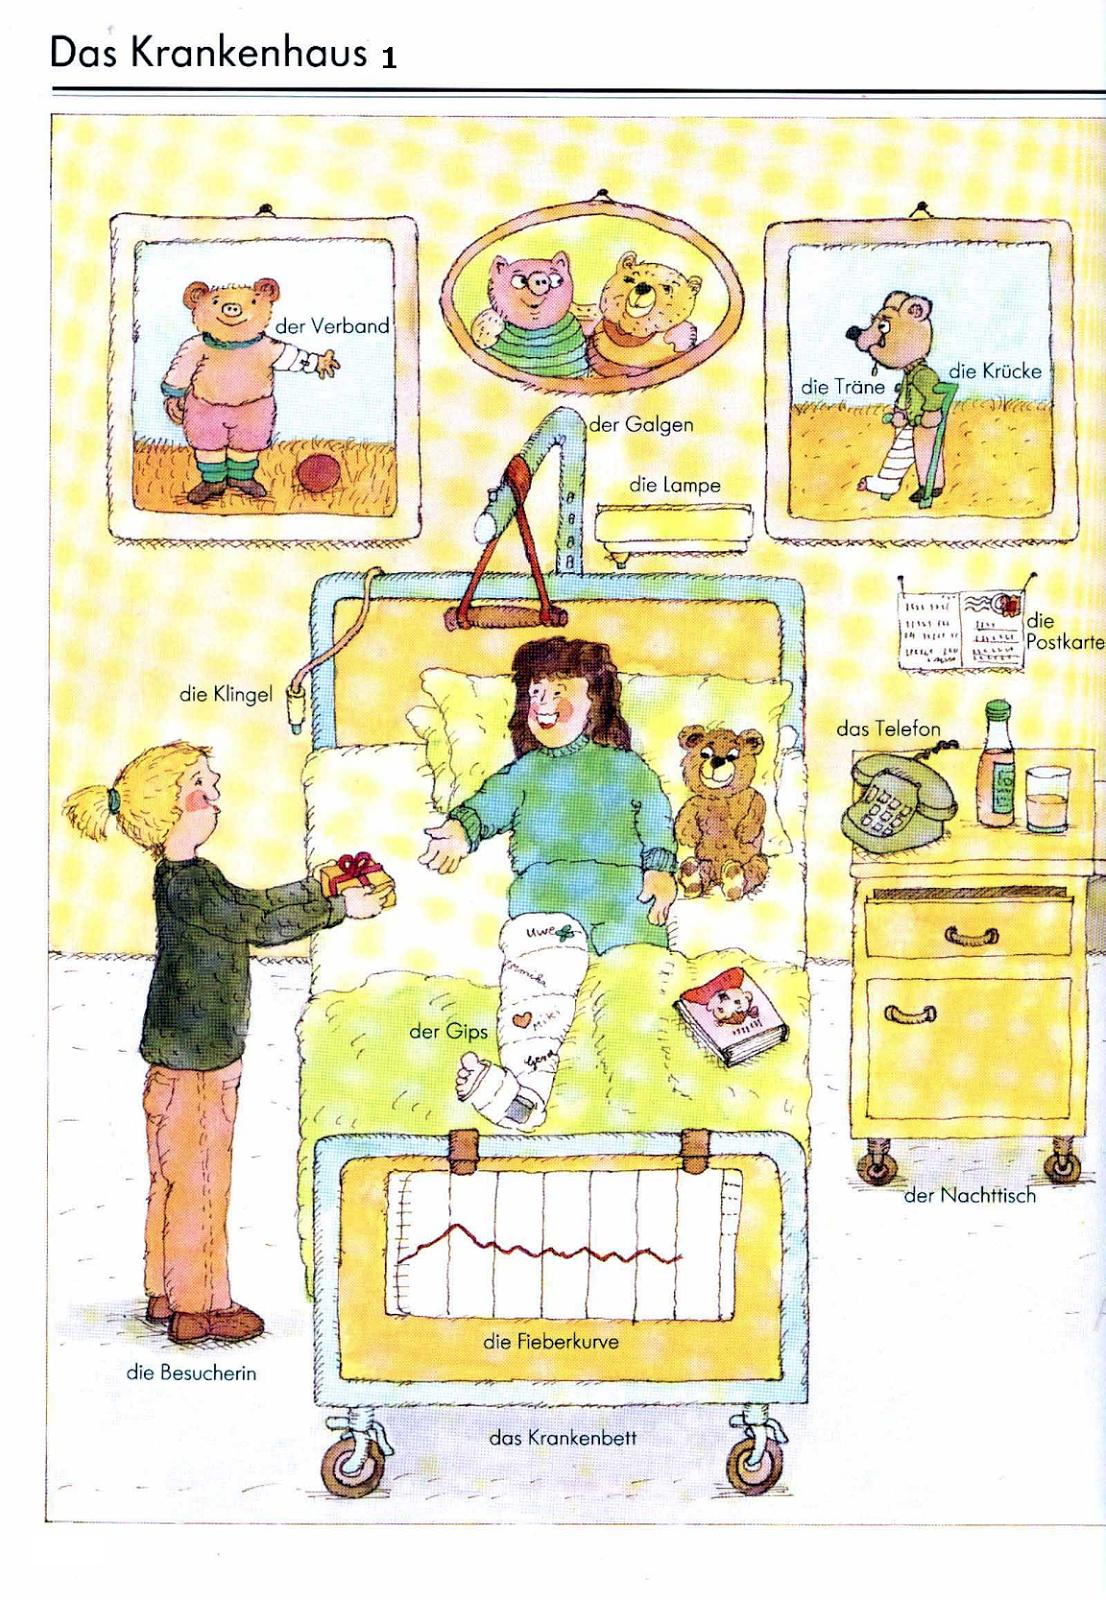 das krankenhaus arbeit deutsch vokabeln deutsche sprache und deutsch wortschatz. Black Bedroom Furniture Sets. Home Design Ideas